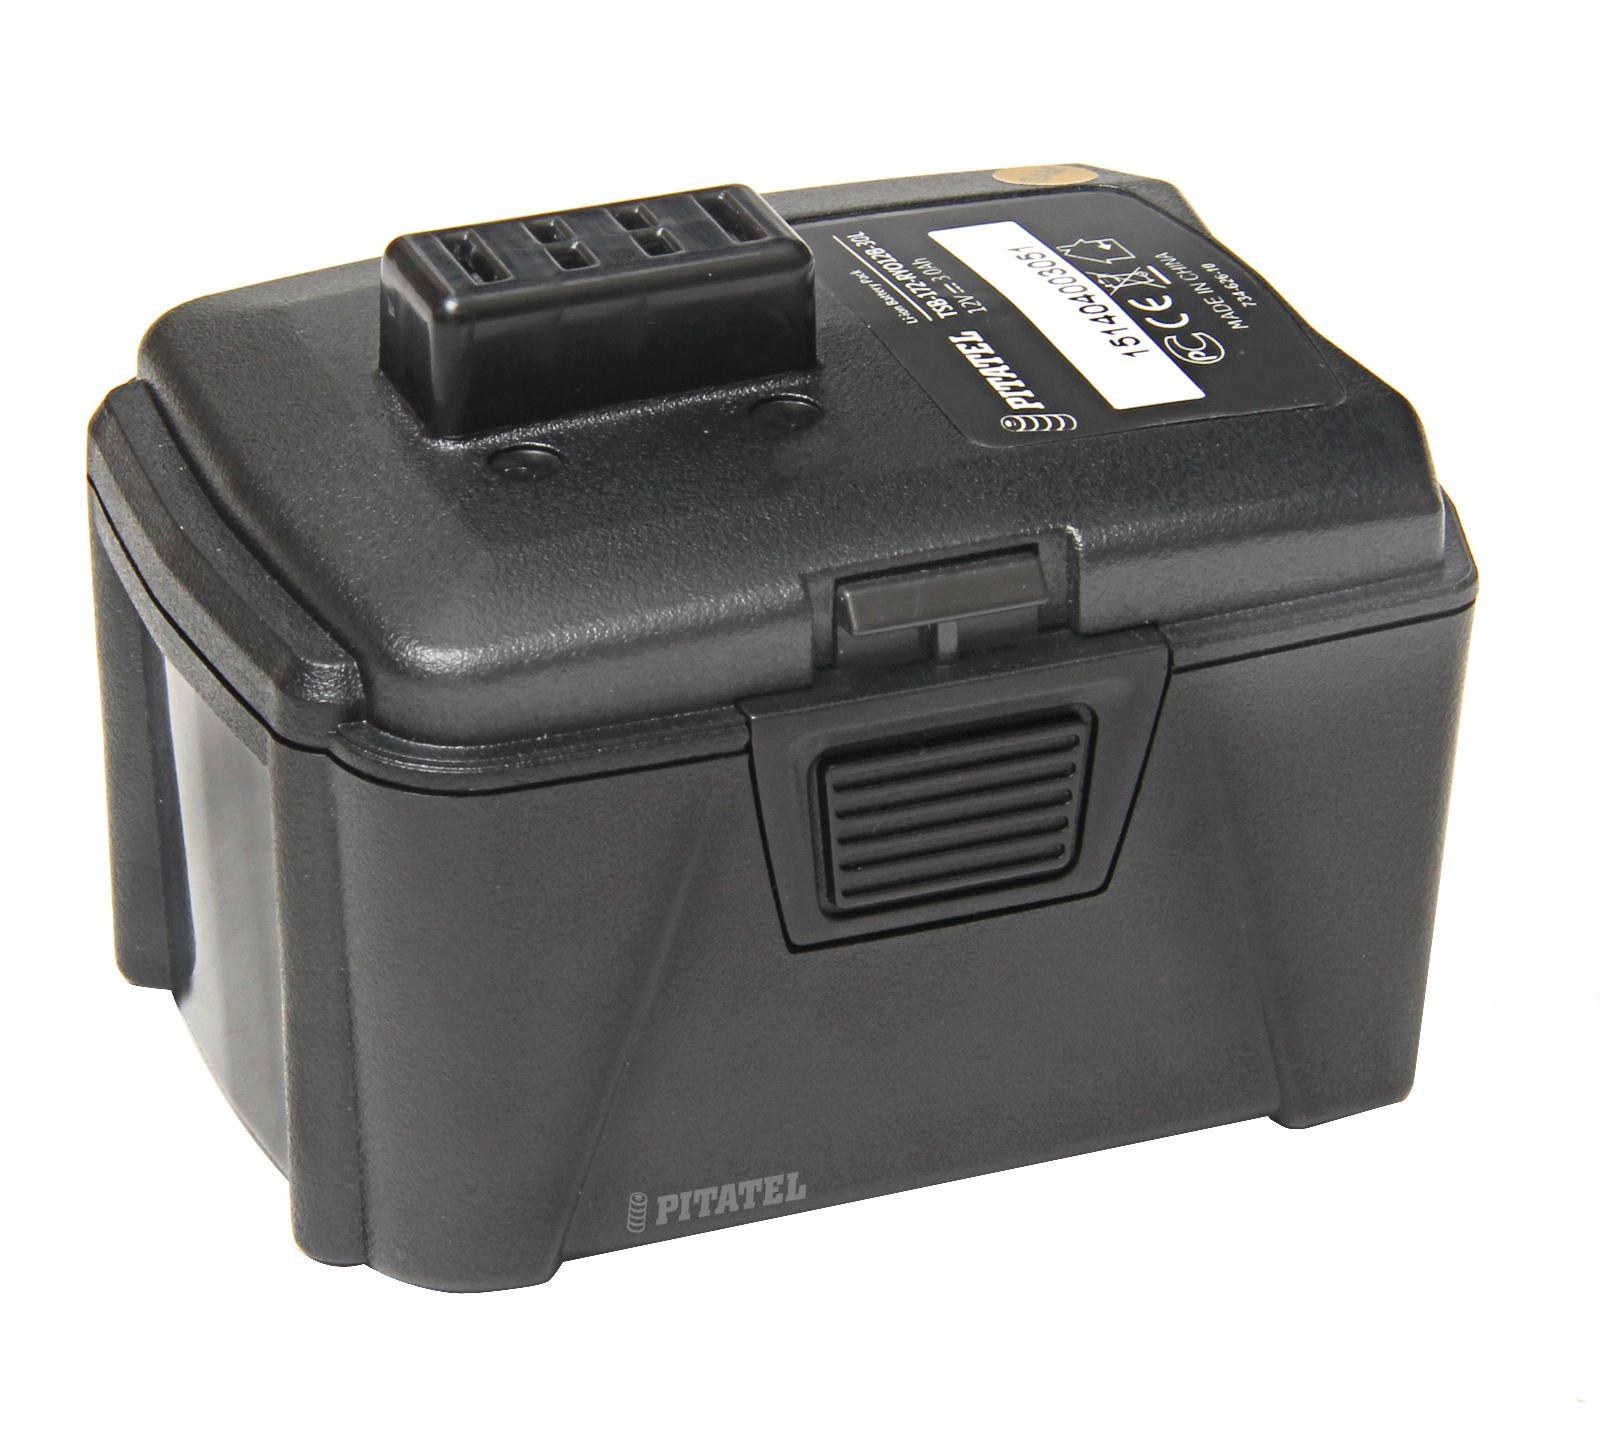 цена на Аккумулятор Pitatel Tsb-172-ryo12b-30l